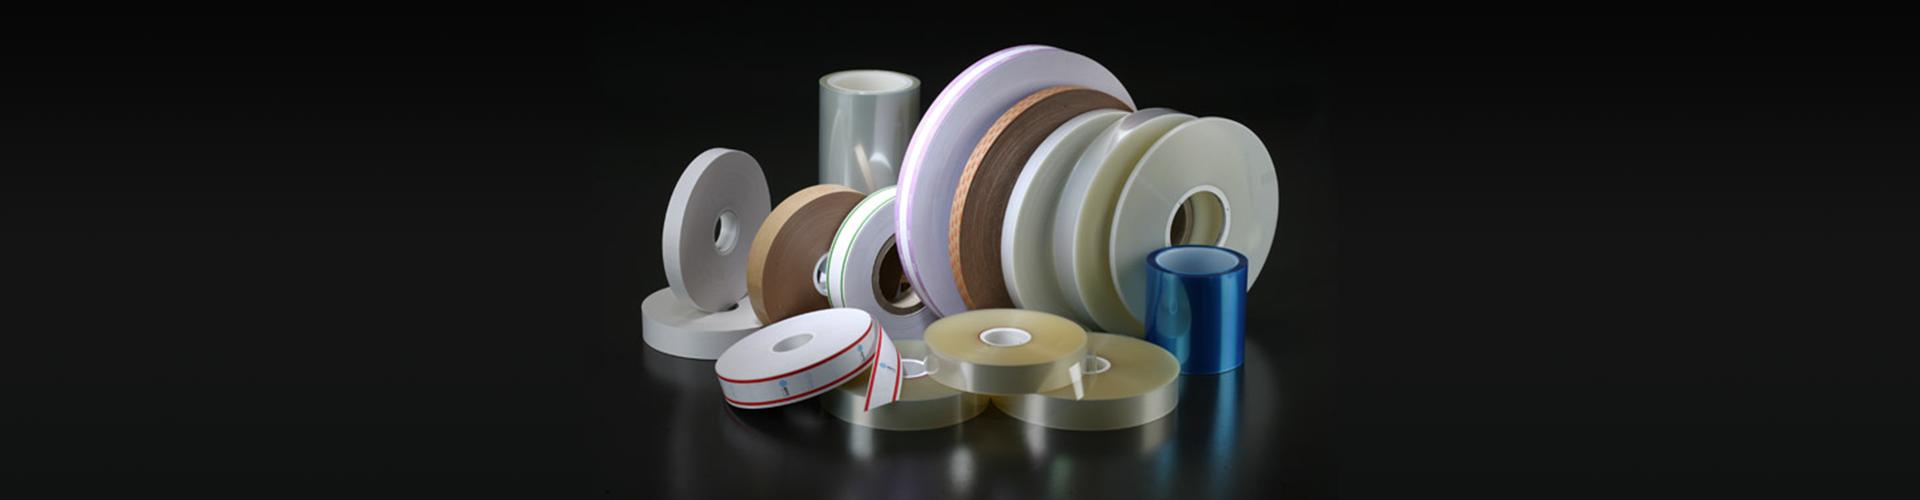 昆山思贝克精密复合材料有限公司